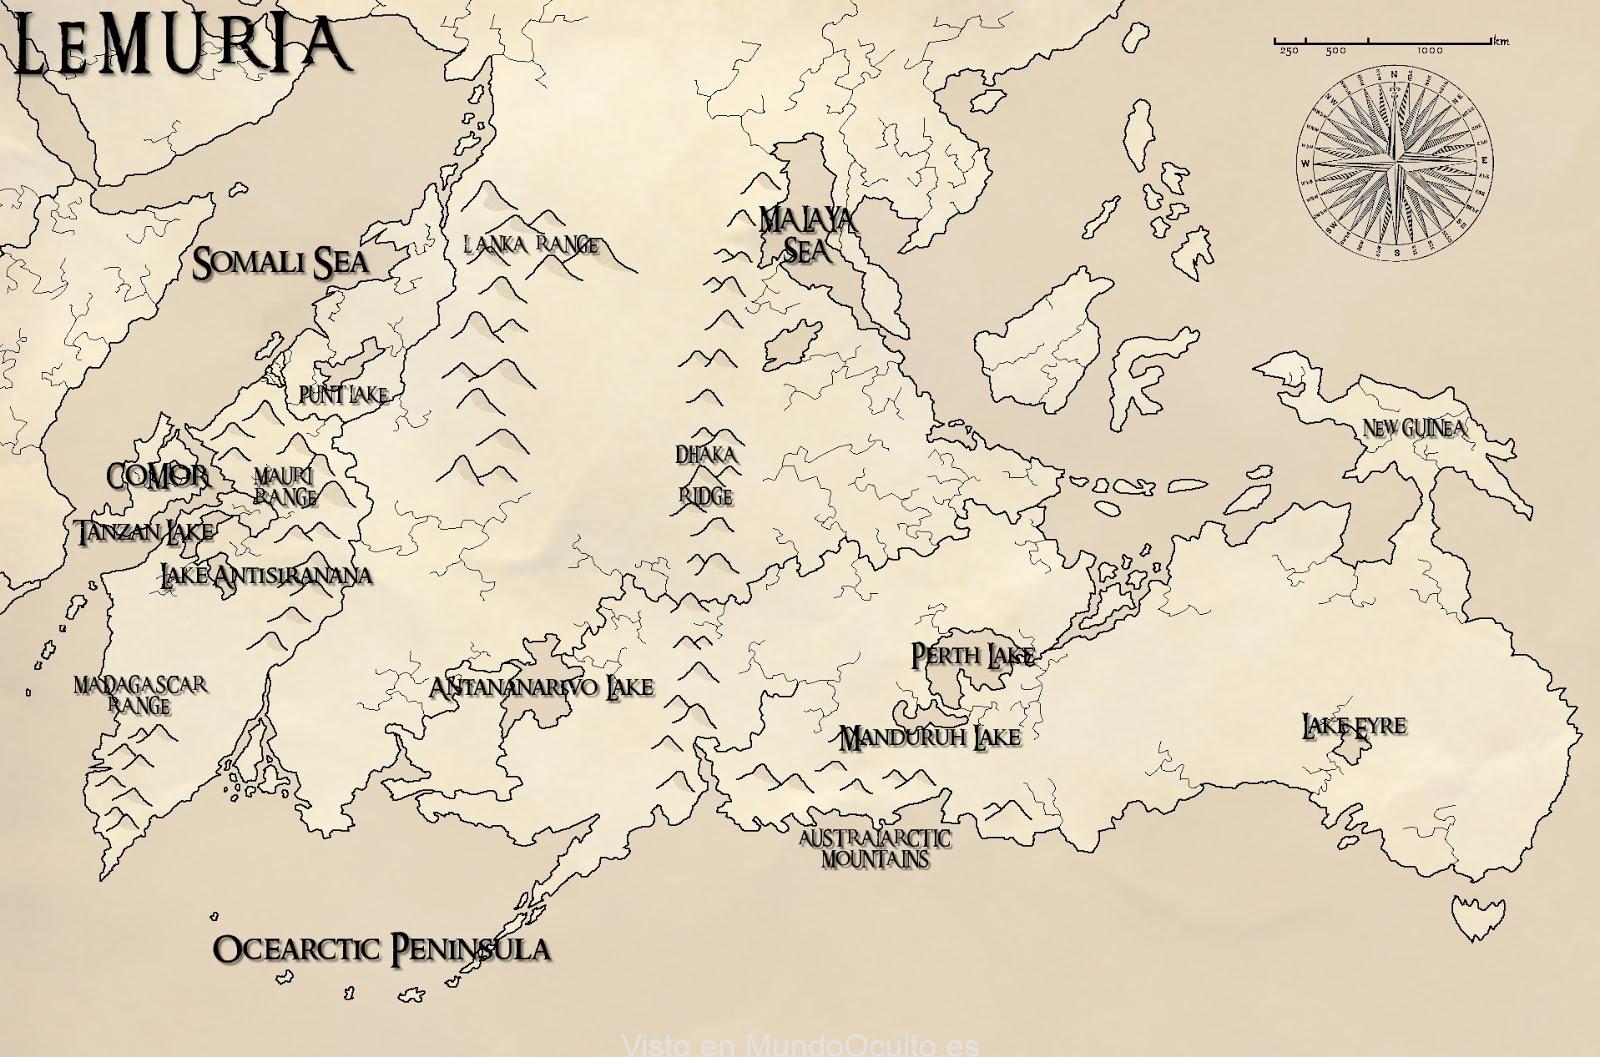 Historias de Lemuria: el continente perdido de una avanzada y antigua civilización